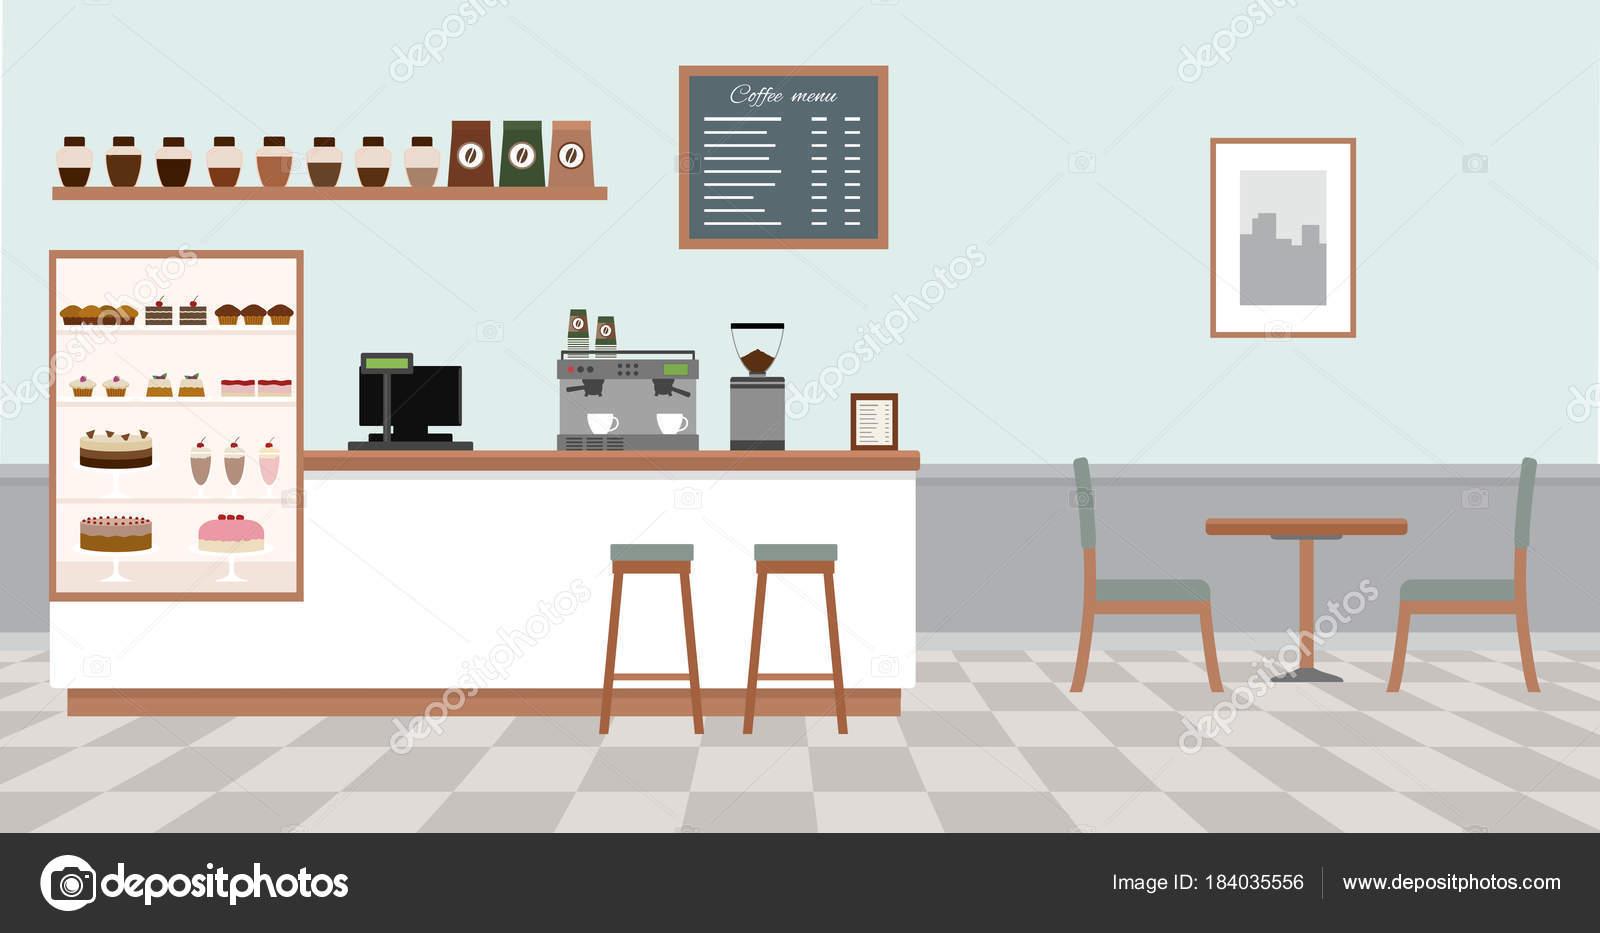 Innere Leere Café Coffee Shop Mit Weißen Bar Theke Tisch ...